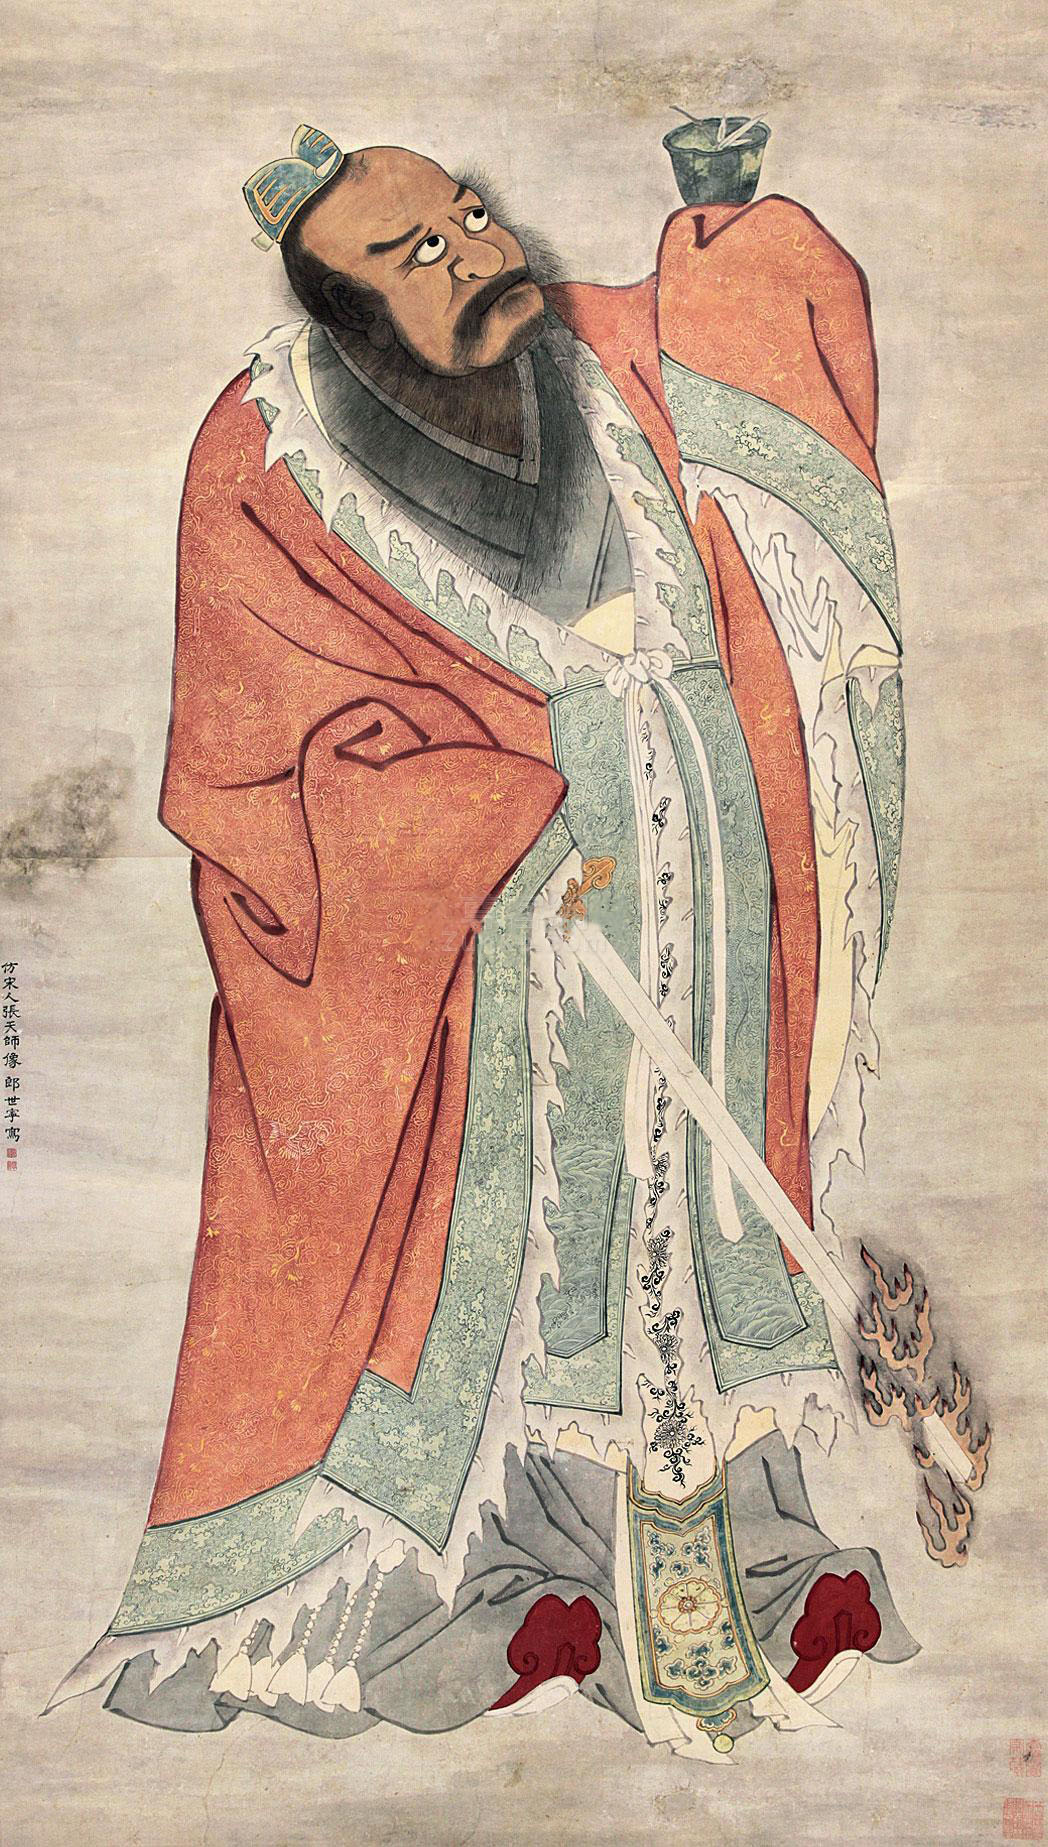 郎世宁 张天师像 立轴 纸本作品欣赏